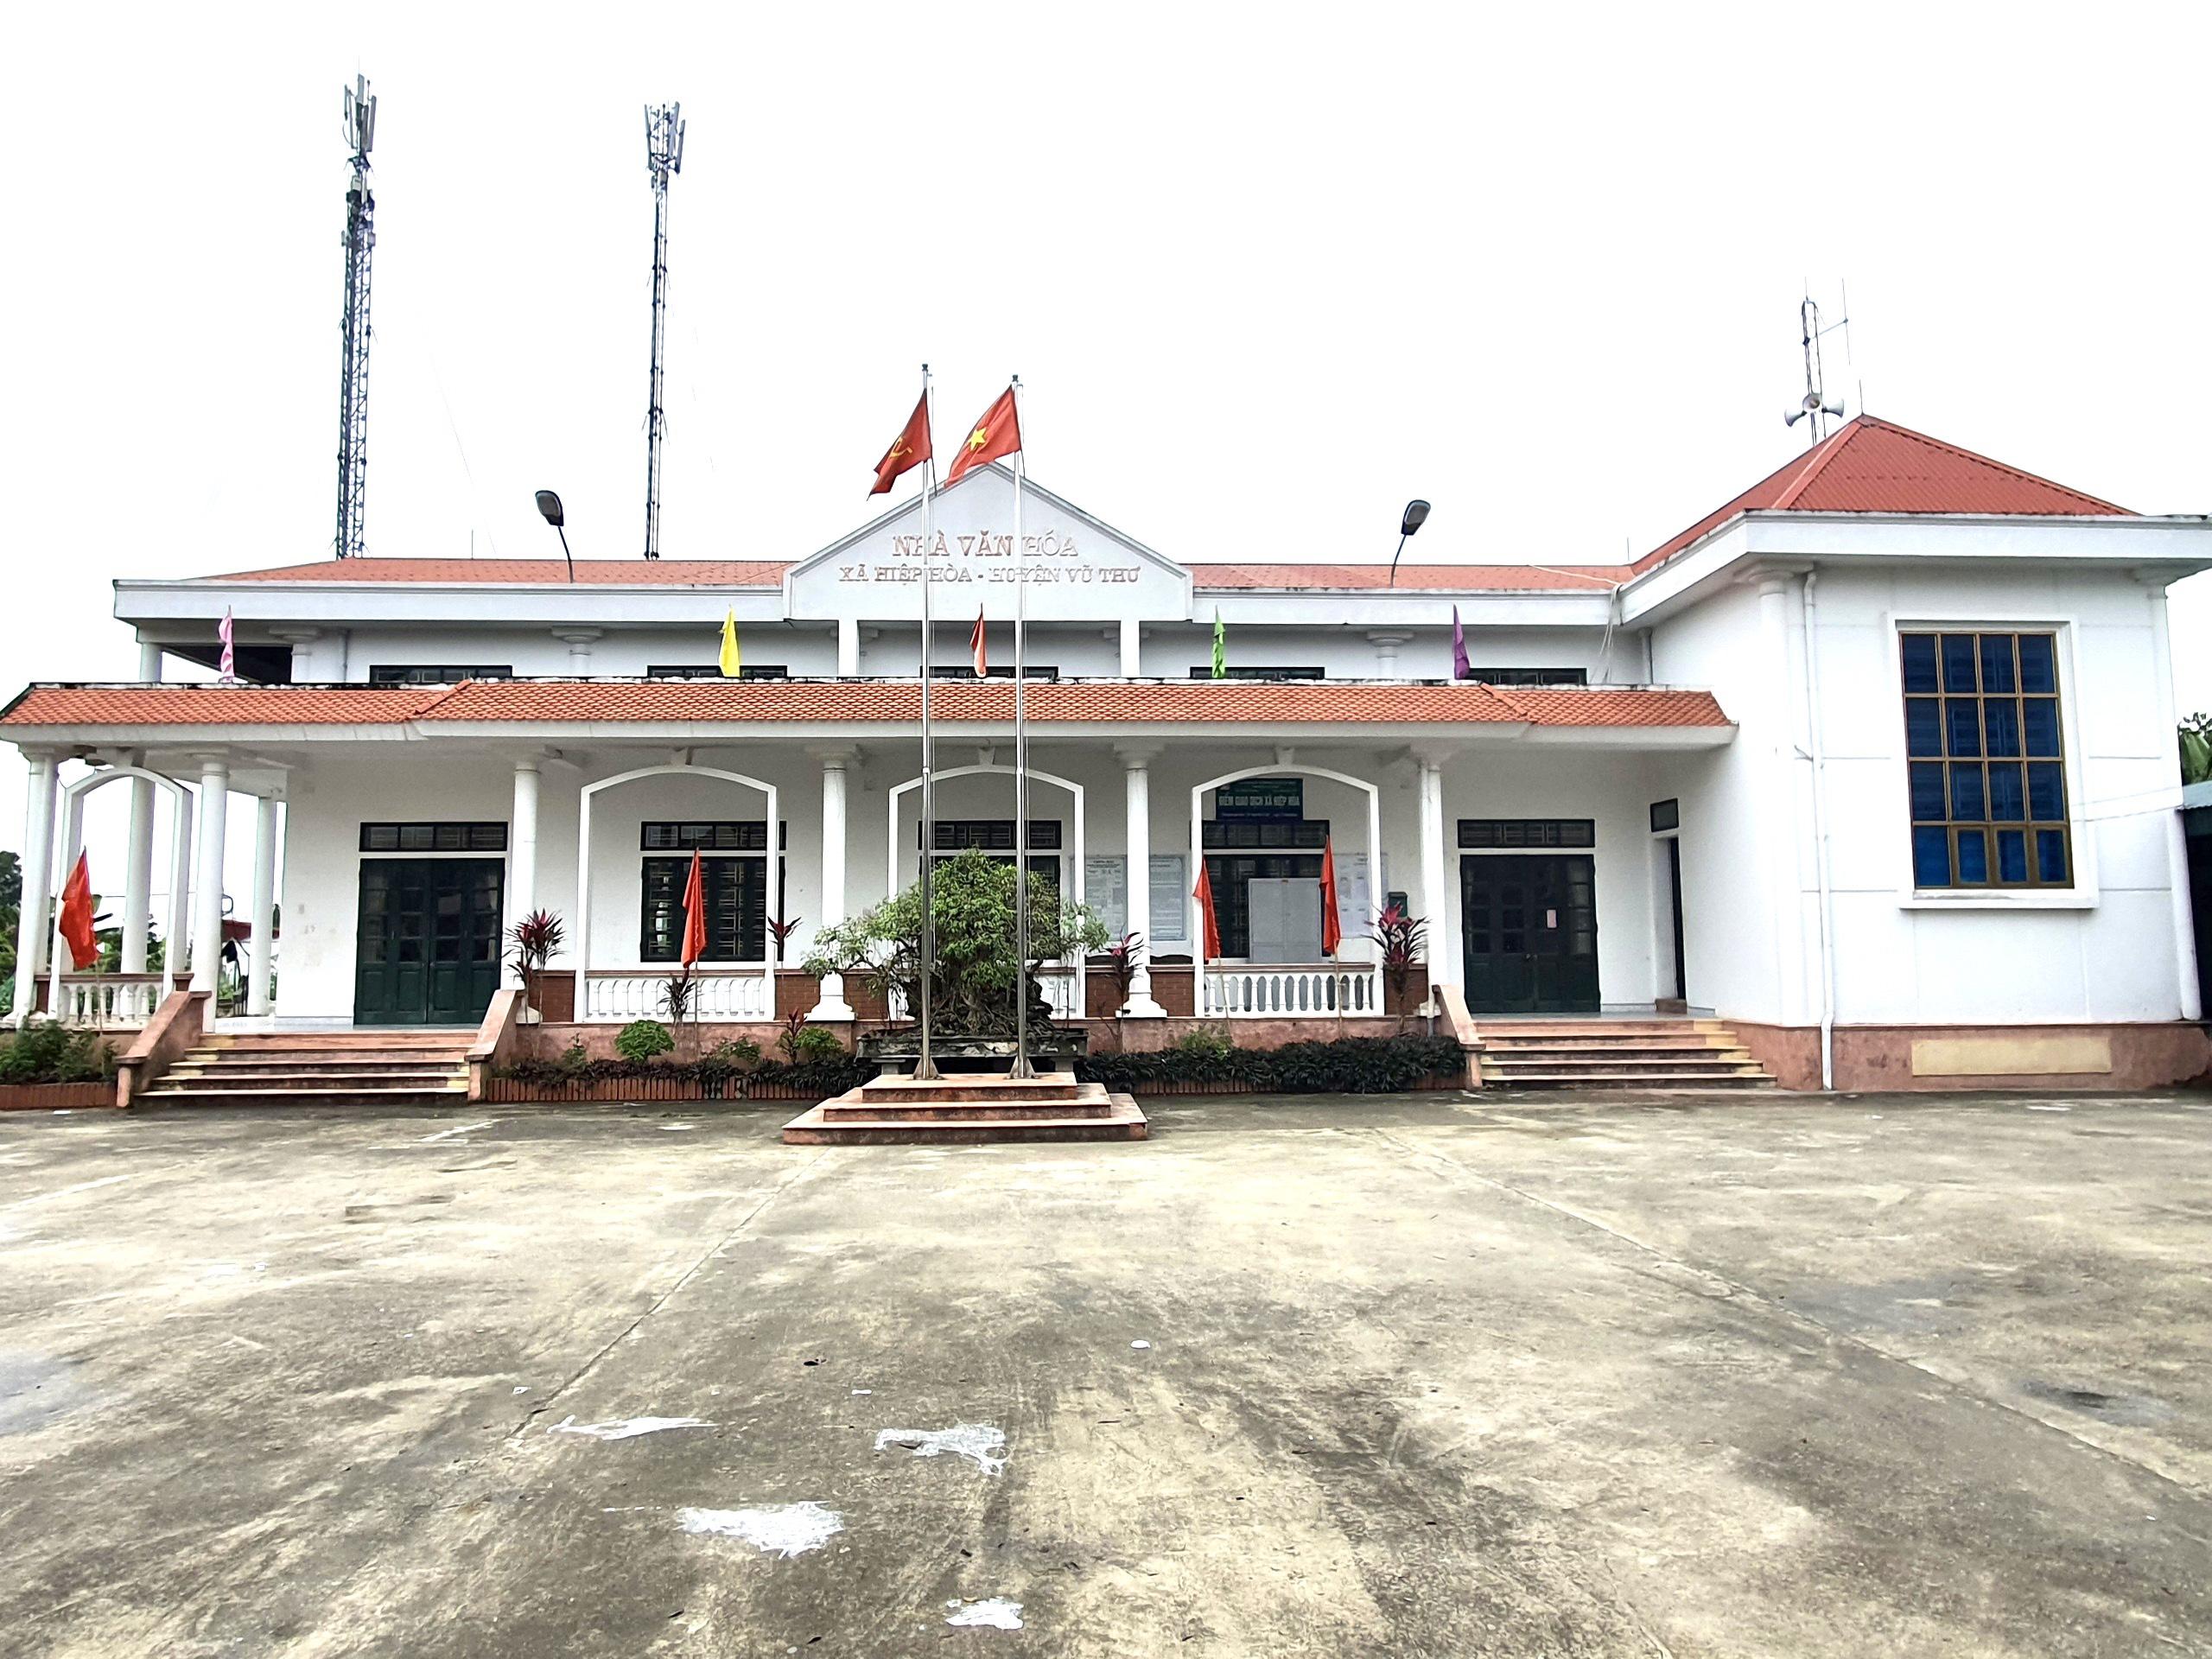 Nhà văn hóa xã Hiệp Hòa, huyện Vũ Thư, tỉnh Thái Bình.